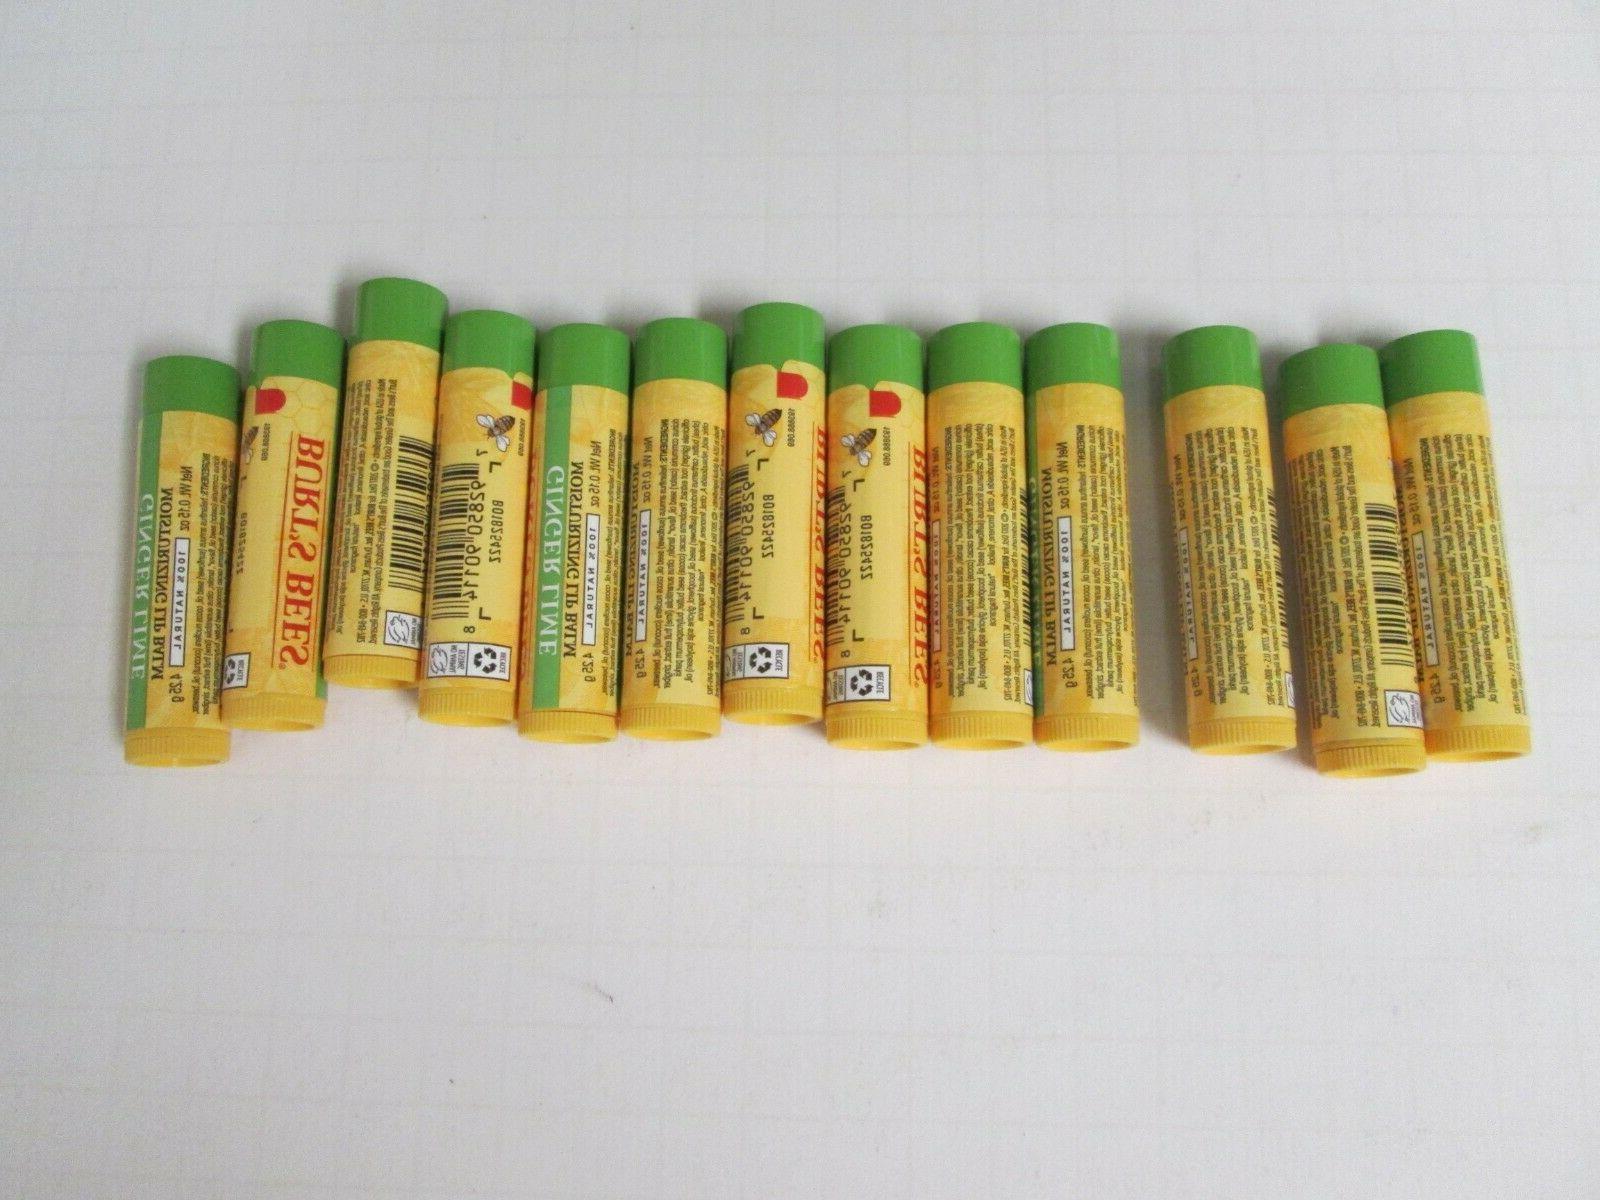 13 burt s bees ginger lime moisturizing